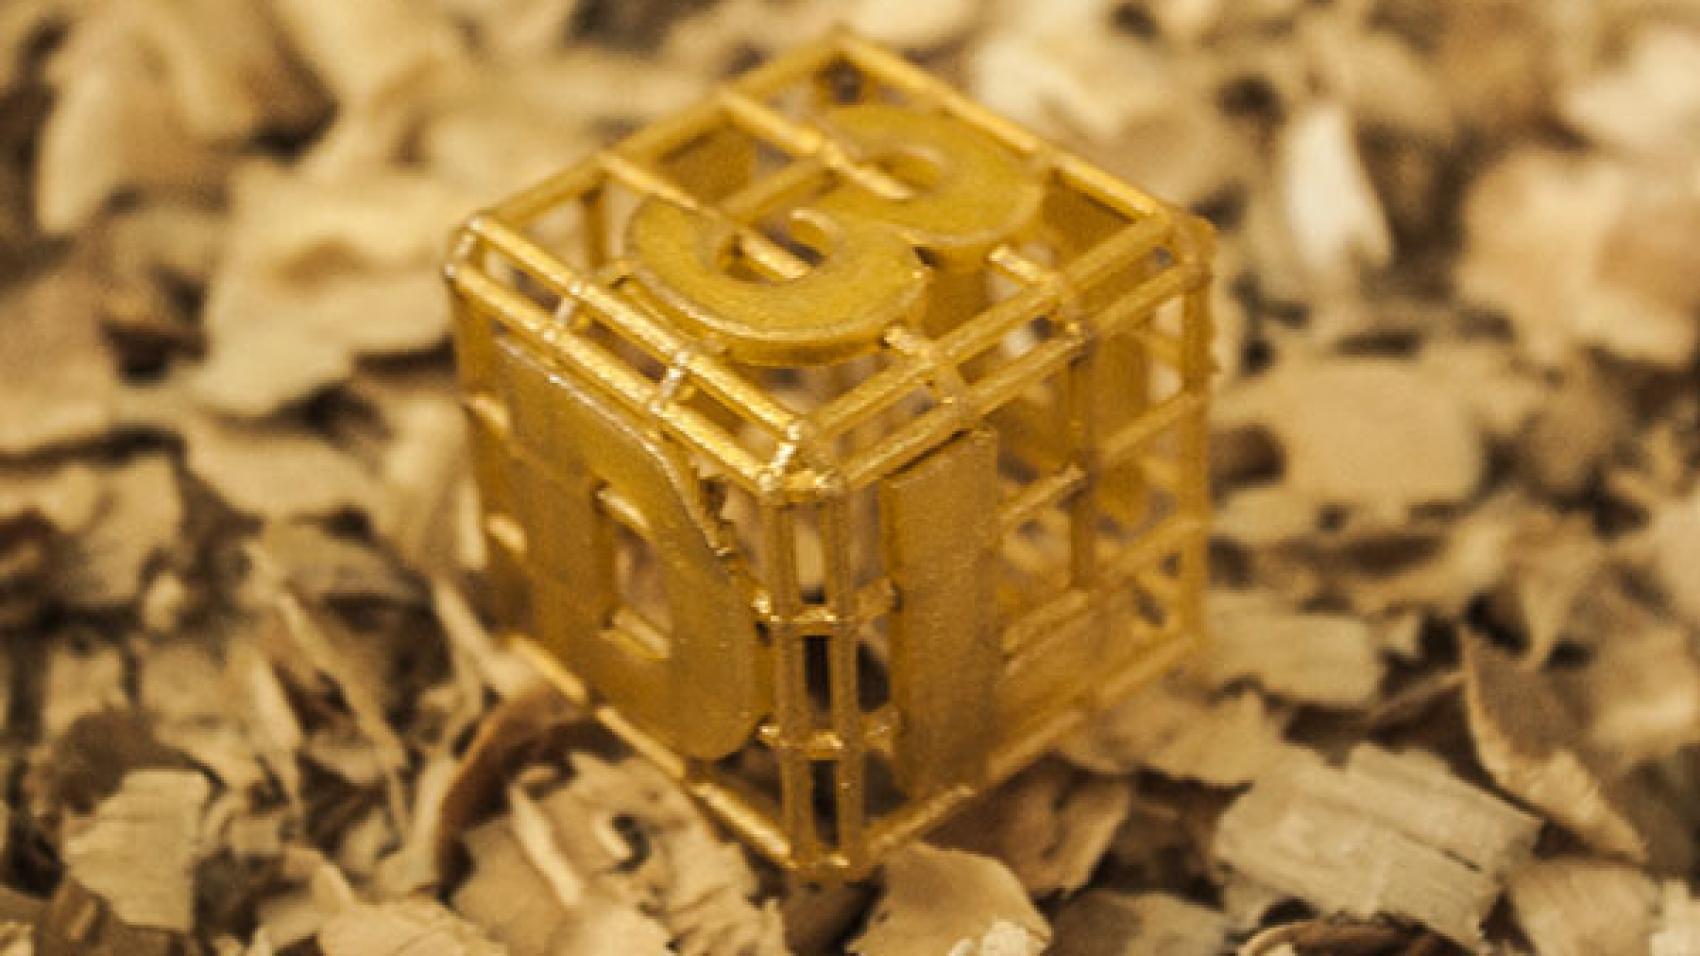 I3DL Cube